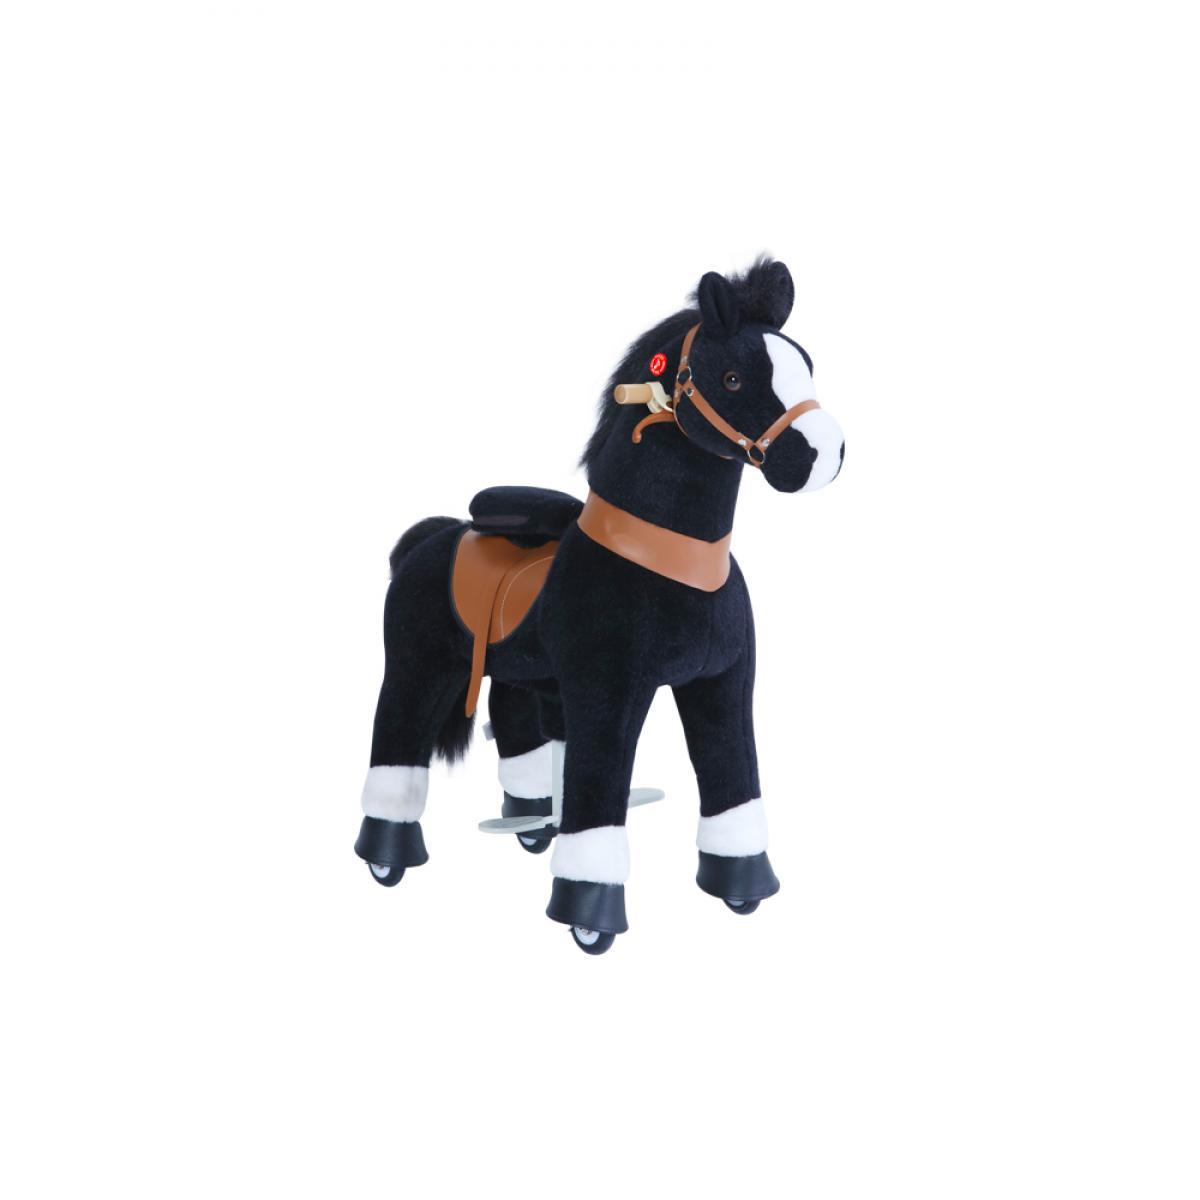 Ponycycle PonyCycle Poney à monter Noir avec sabot blanc Petit Modèle pour 3 à 5 ans